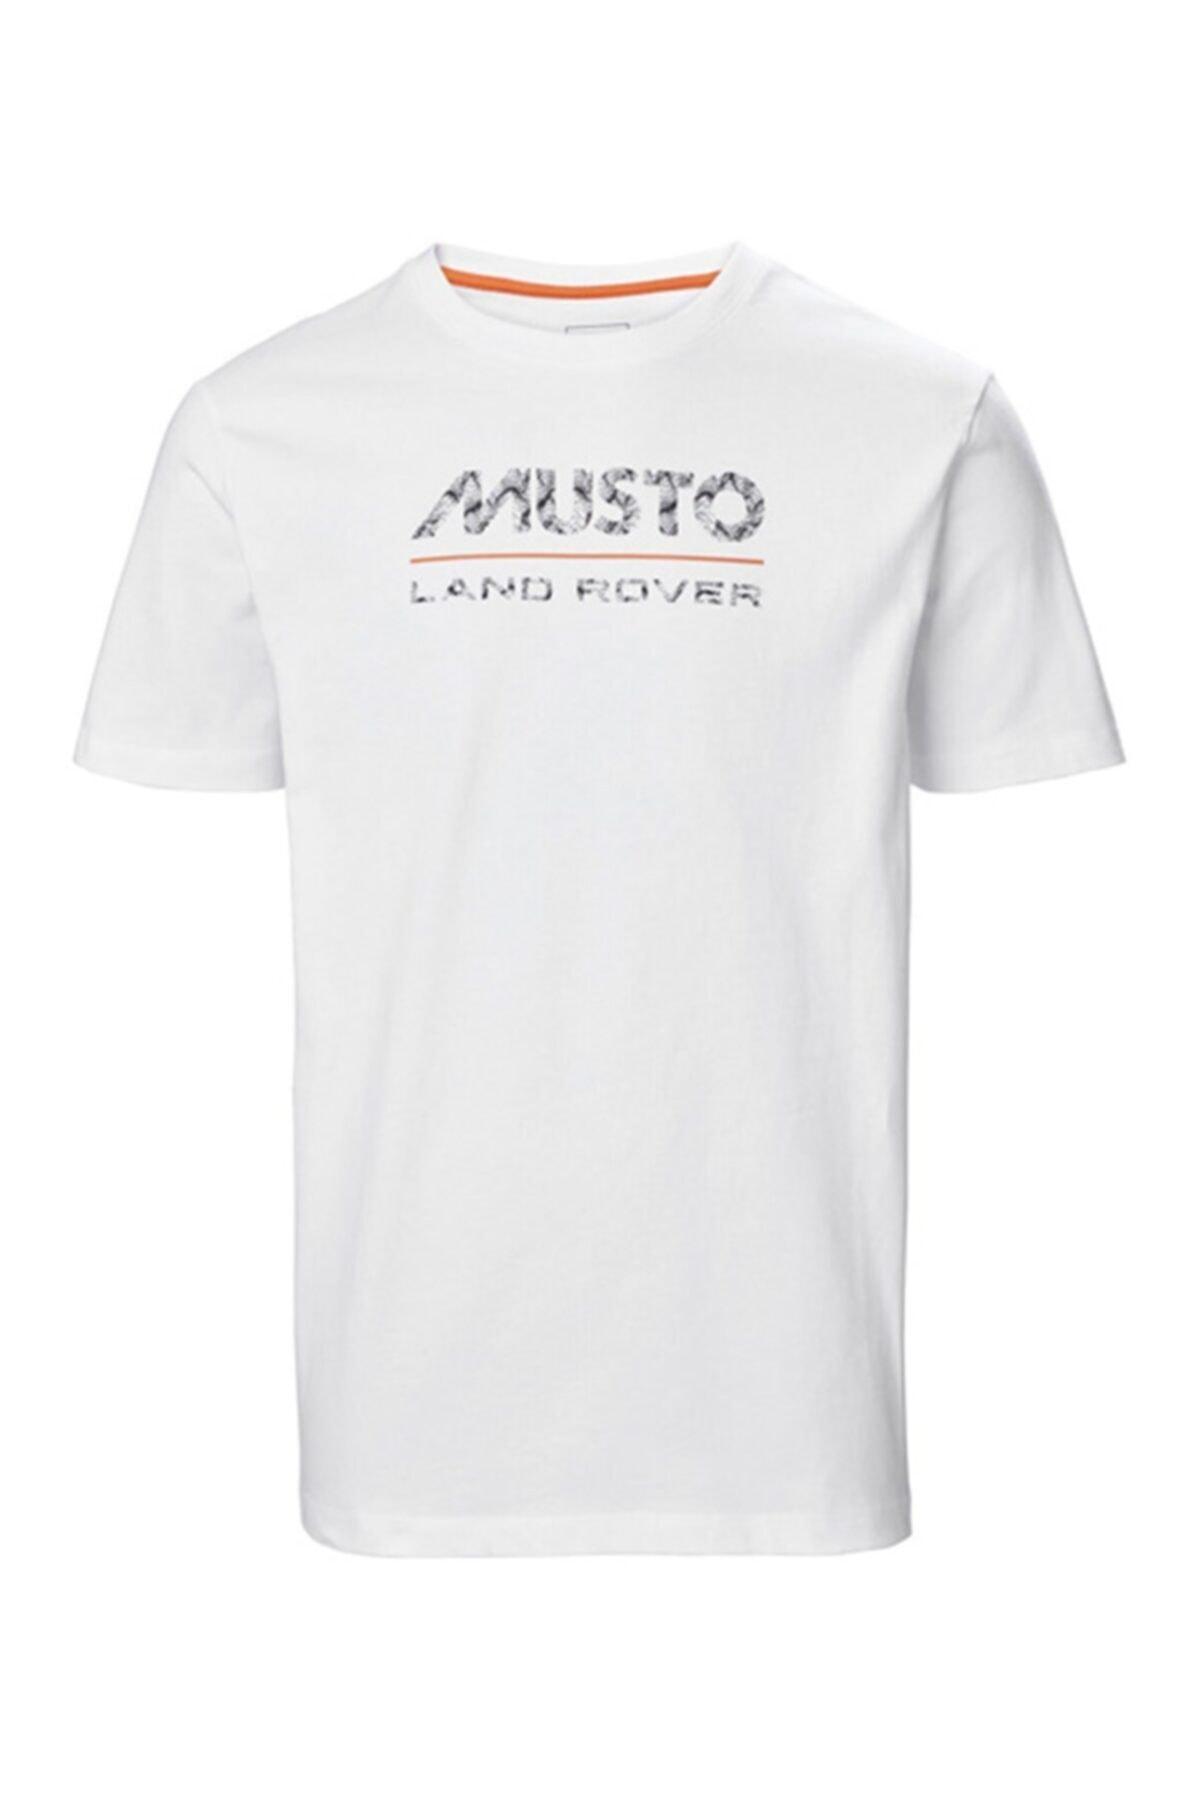 Musto Lr Ss Logo Tee 1